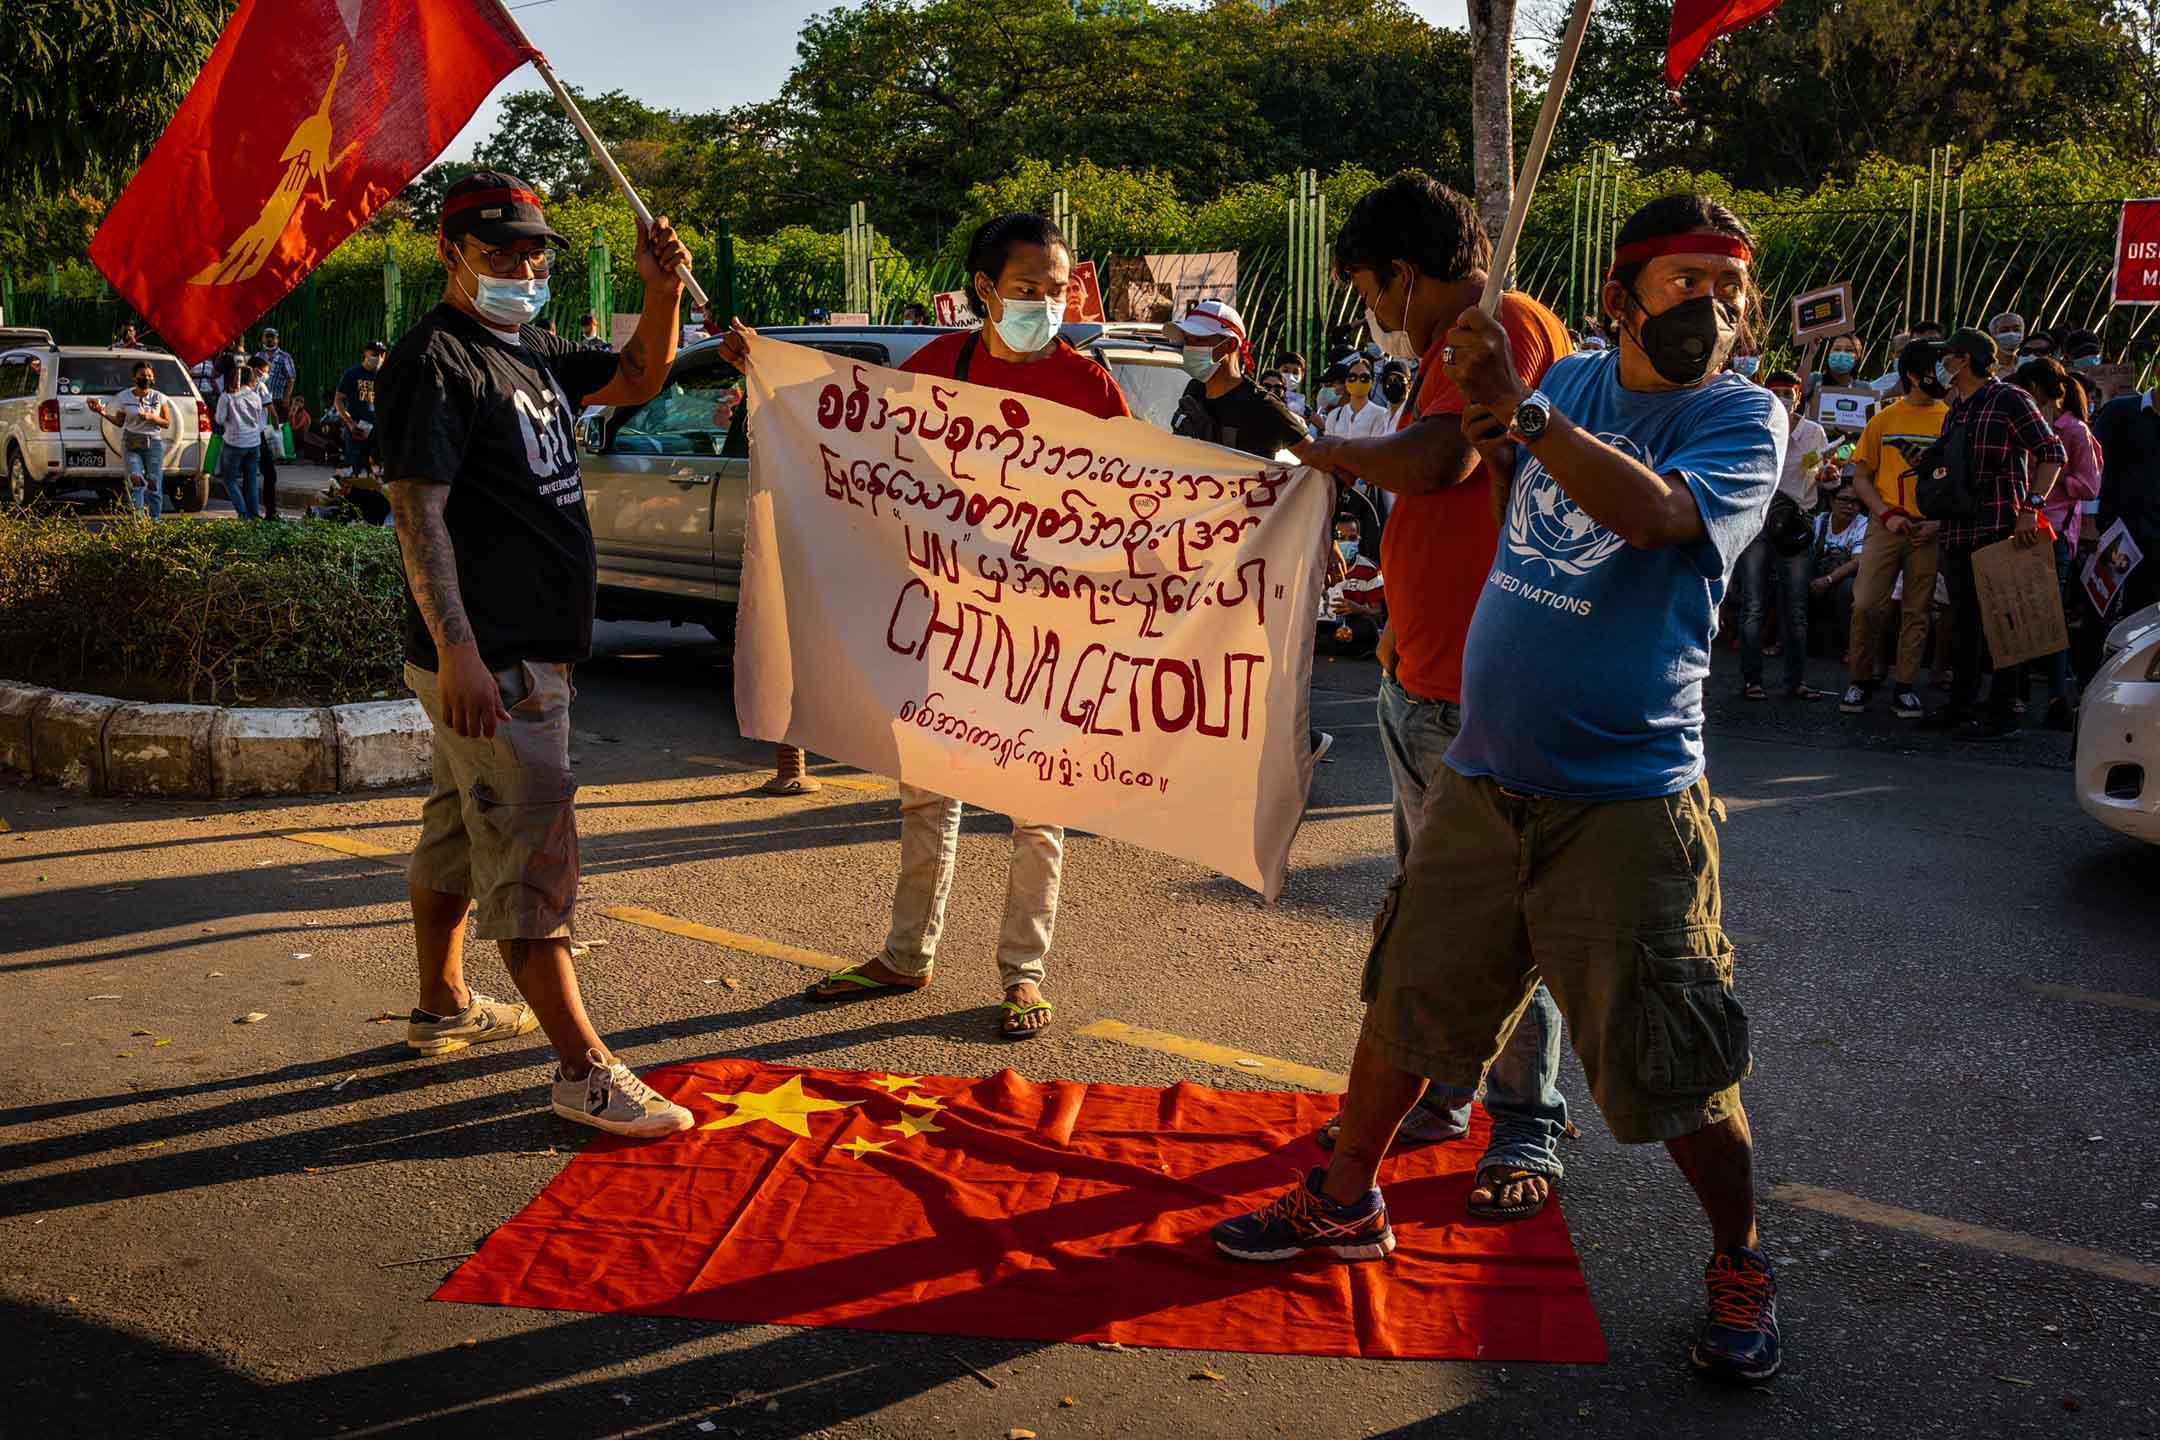 2021年2月11日緬甸仰光,示威者在聯合國辦公室門前污損中國國旗。